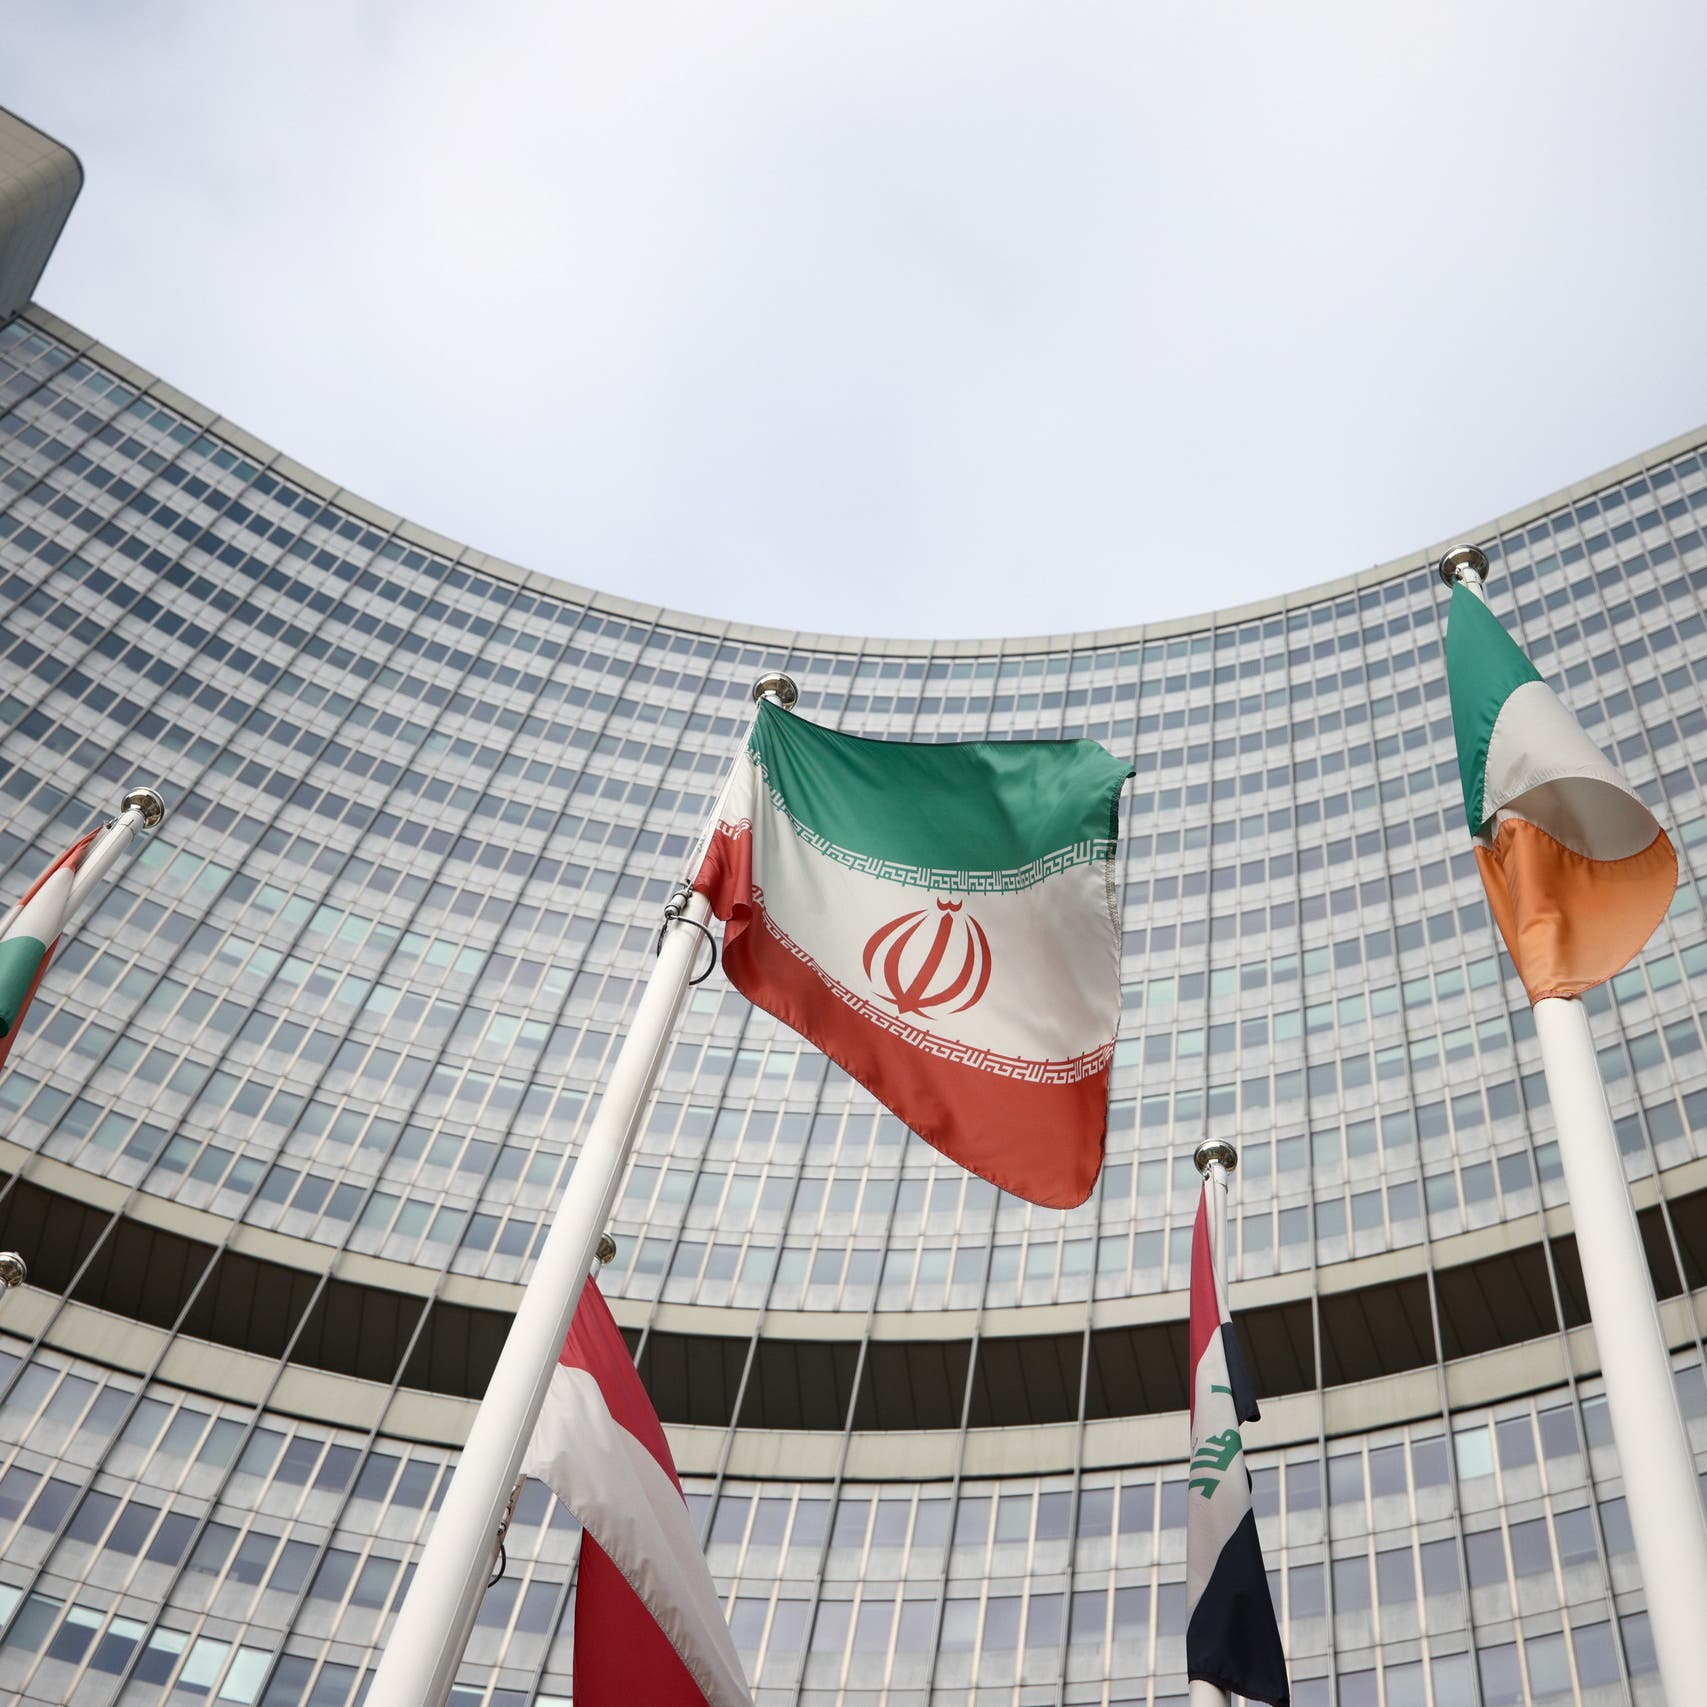 الوكالة الذرية: إيران بدأت بالفعل التخصيب بنسبة 60%